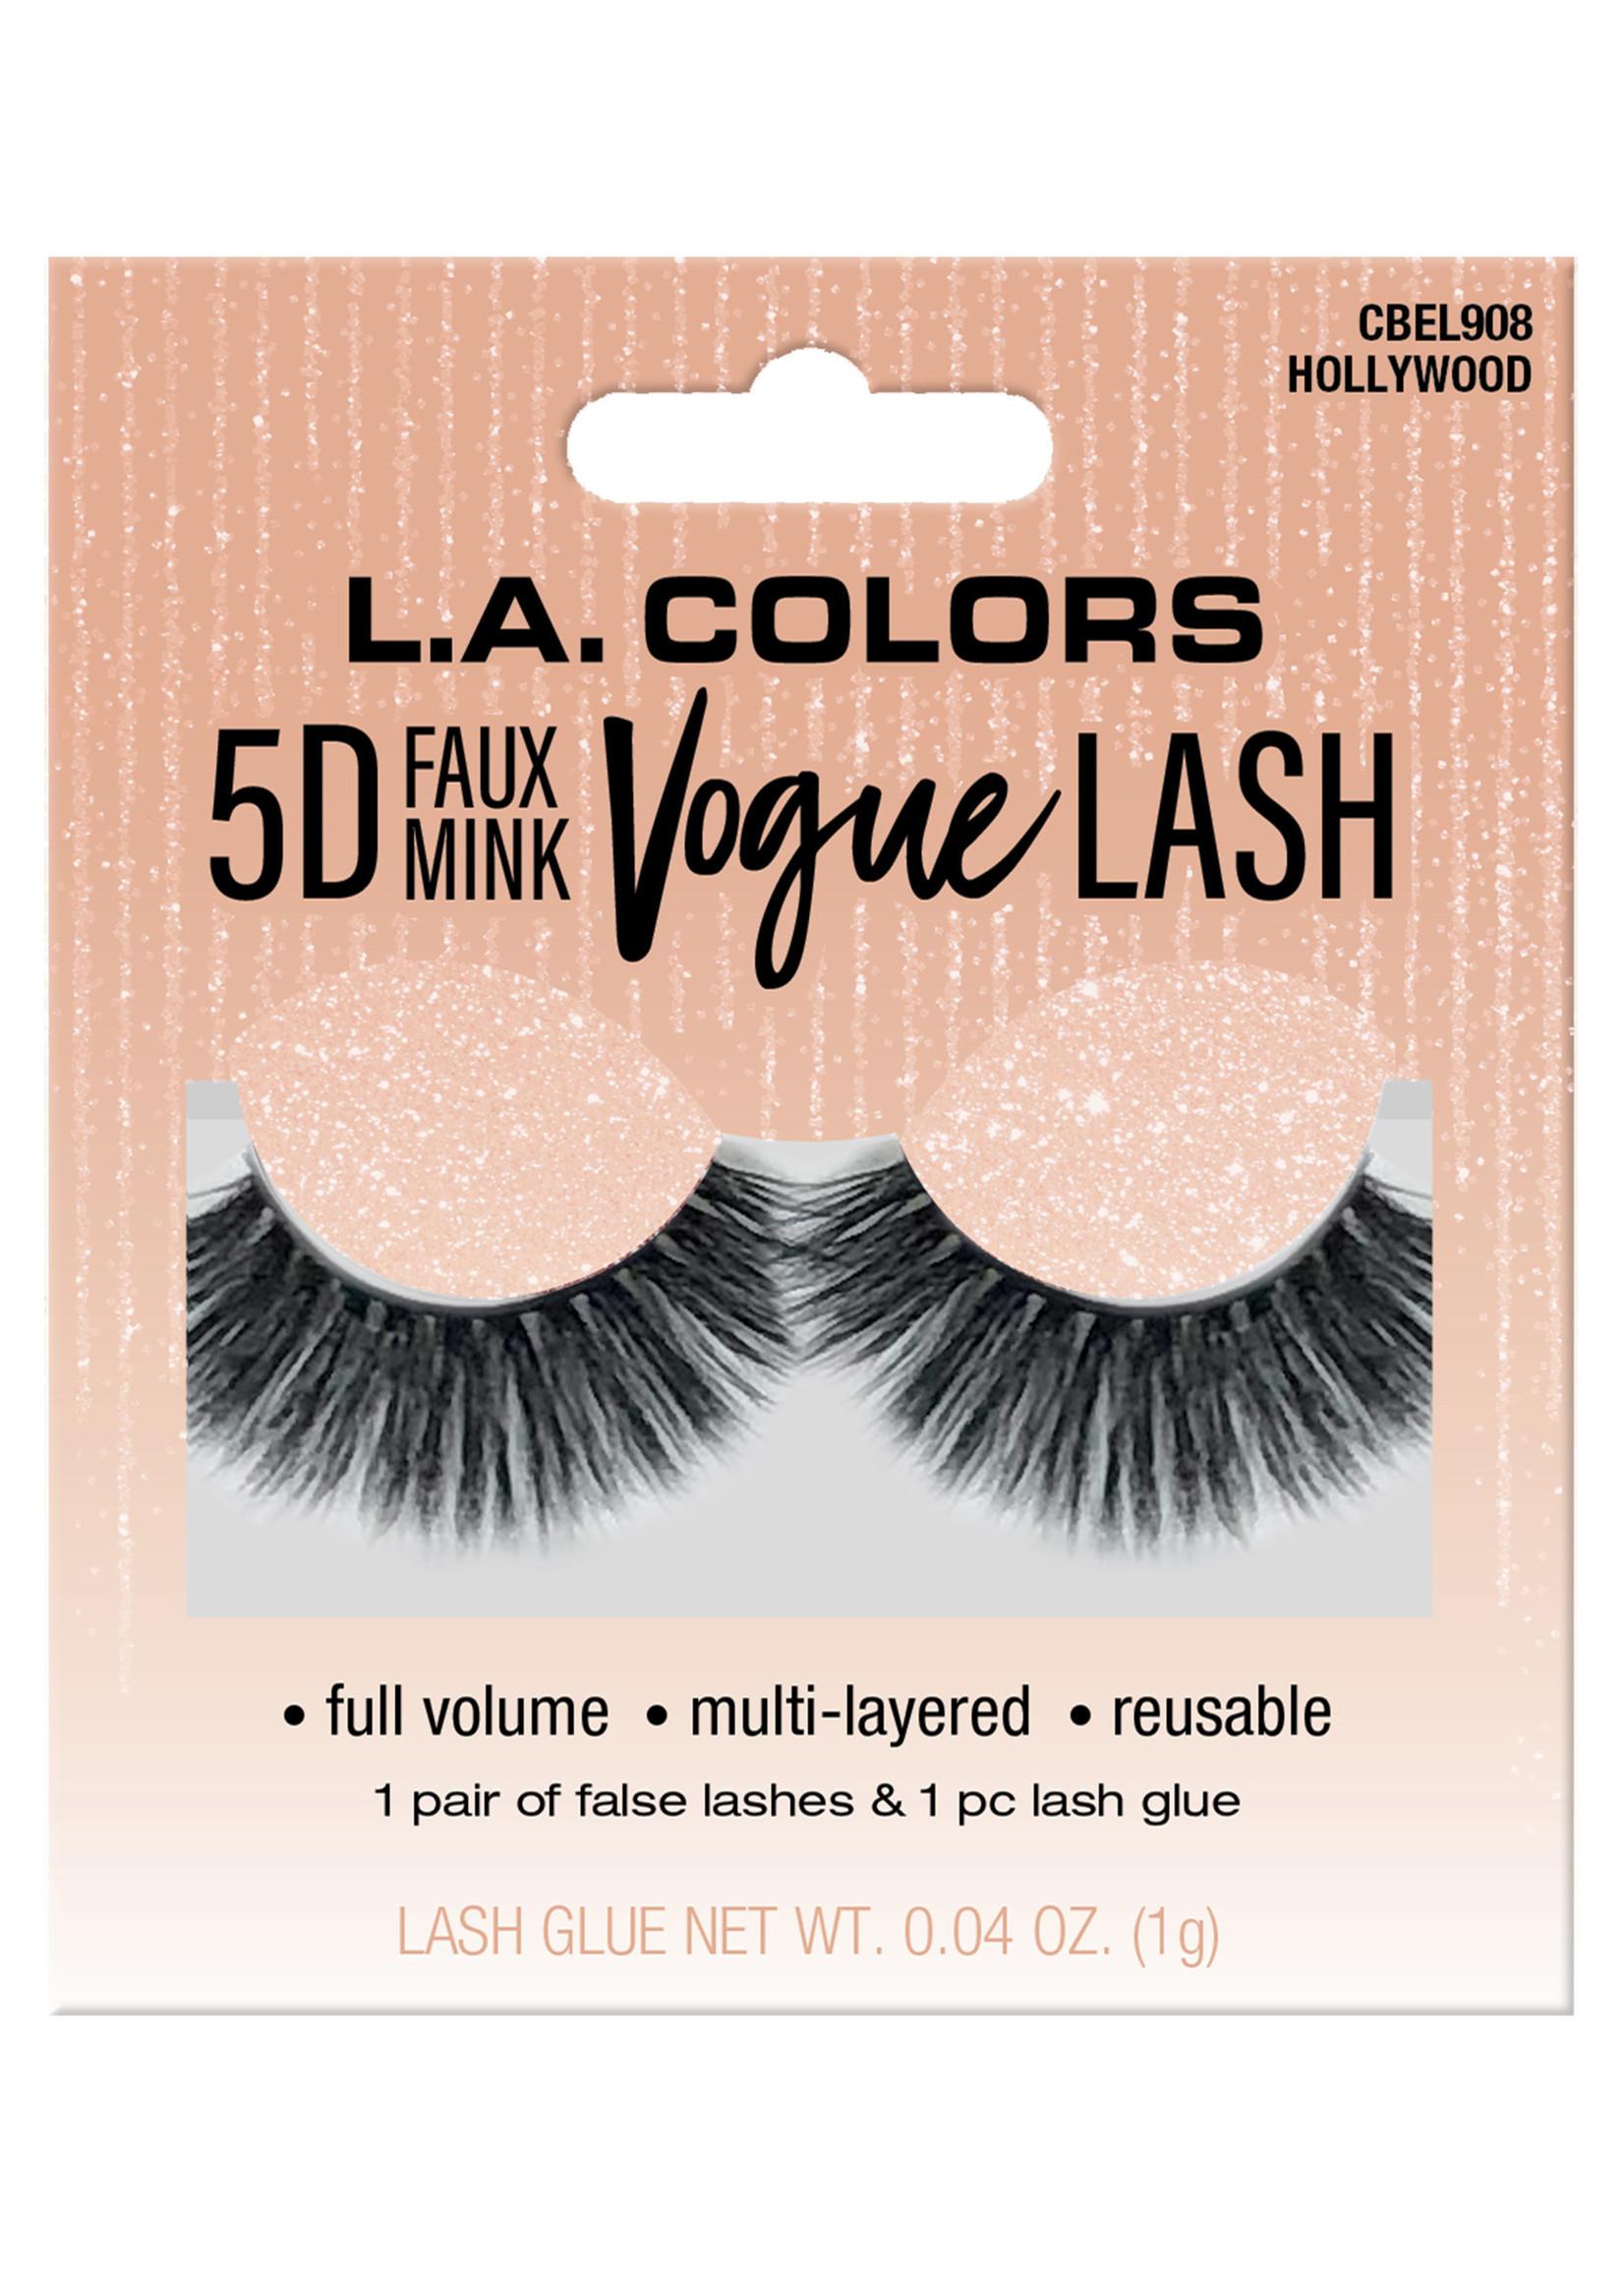 L.A. Colors LA Colors 5D Faux Mink Vogue Lash-